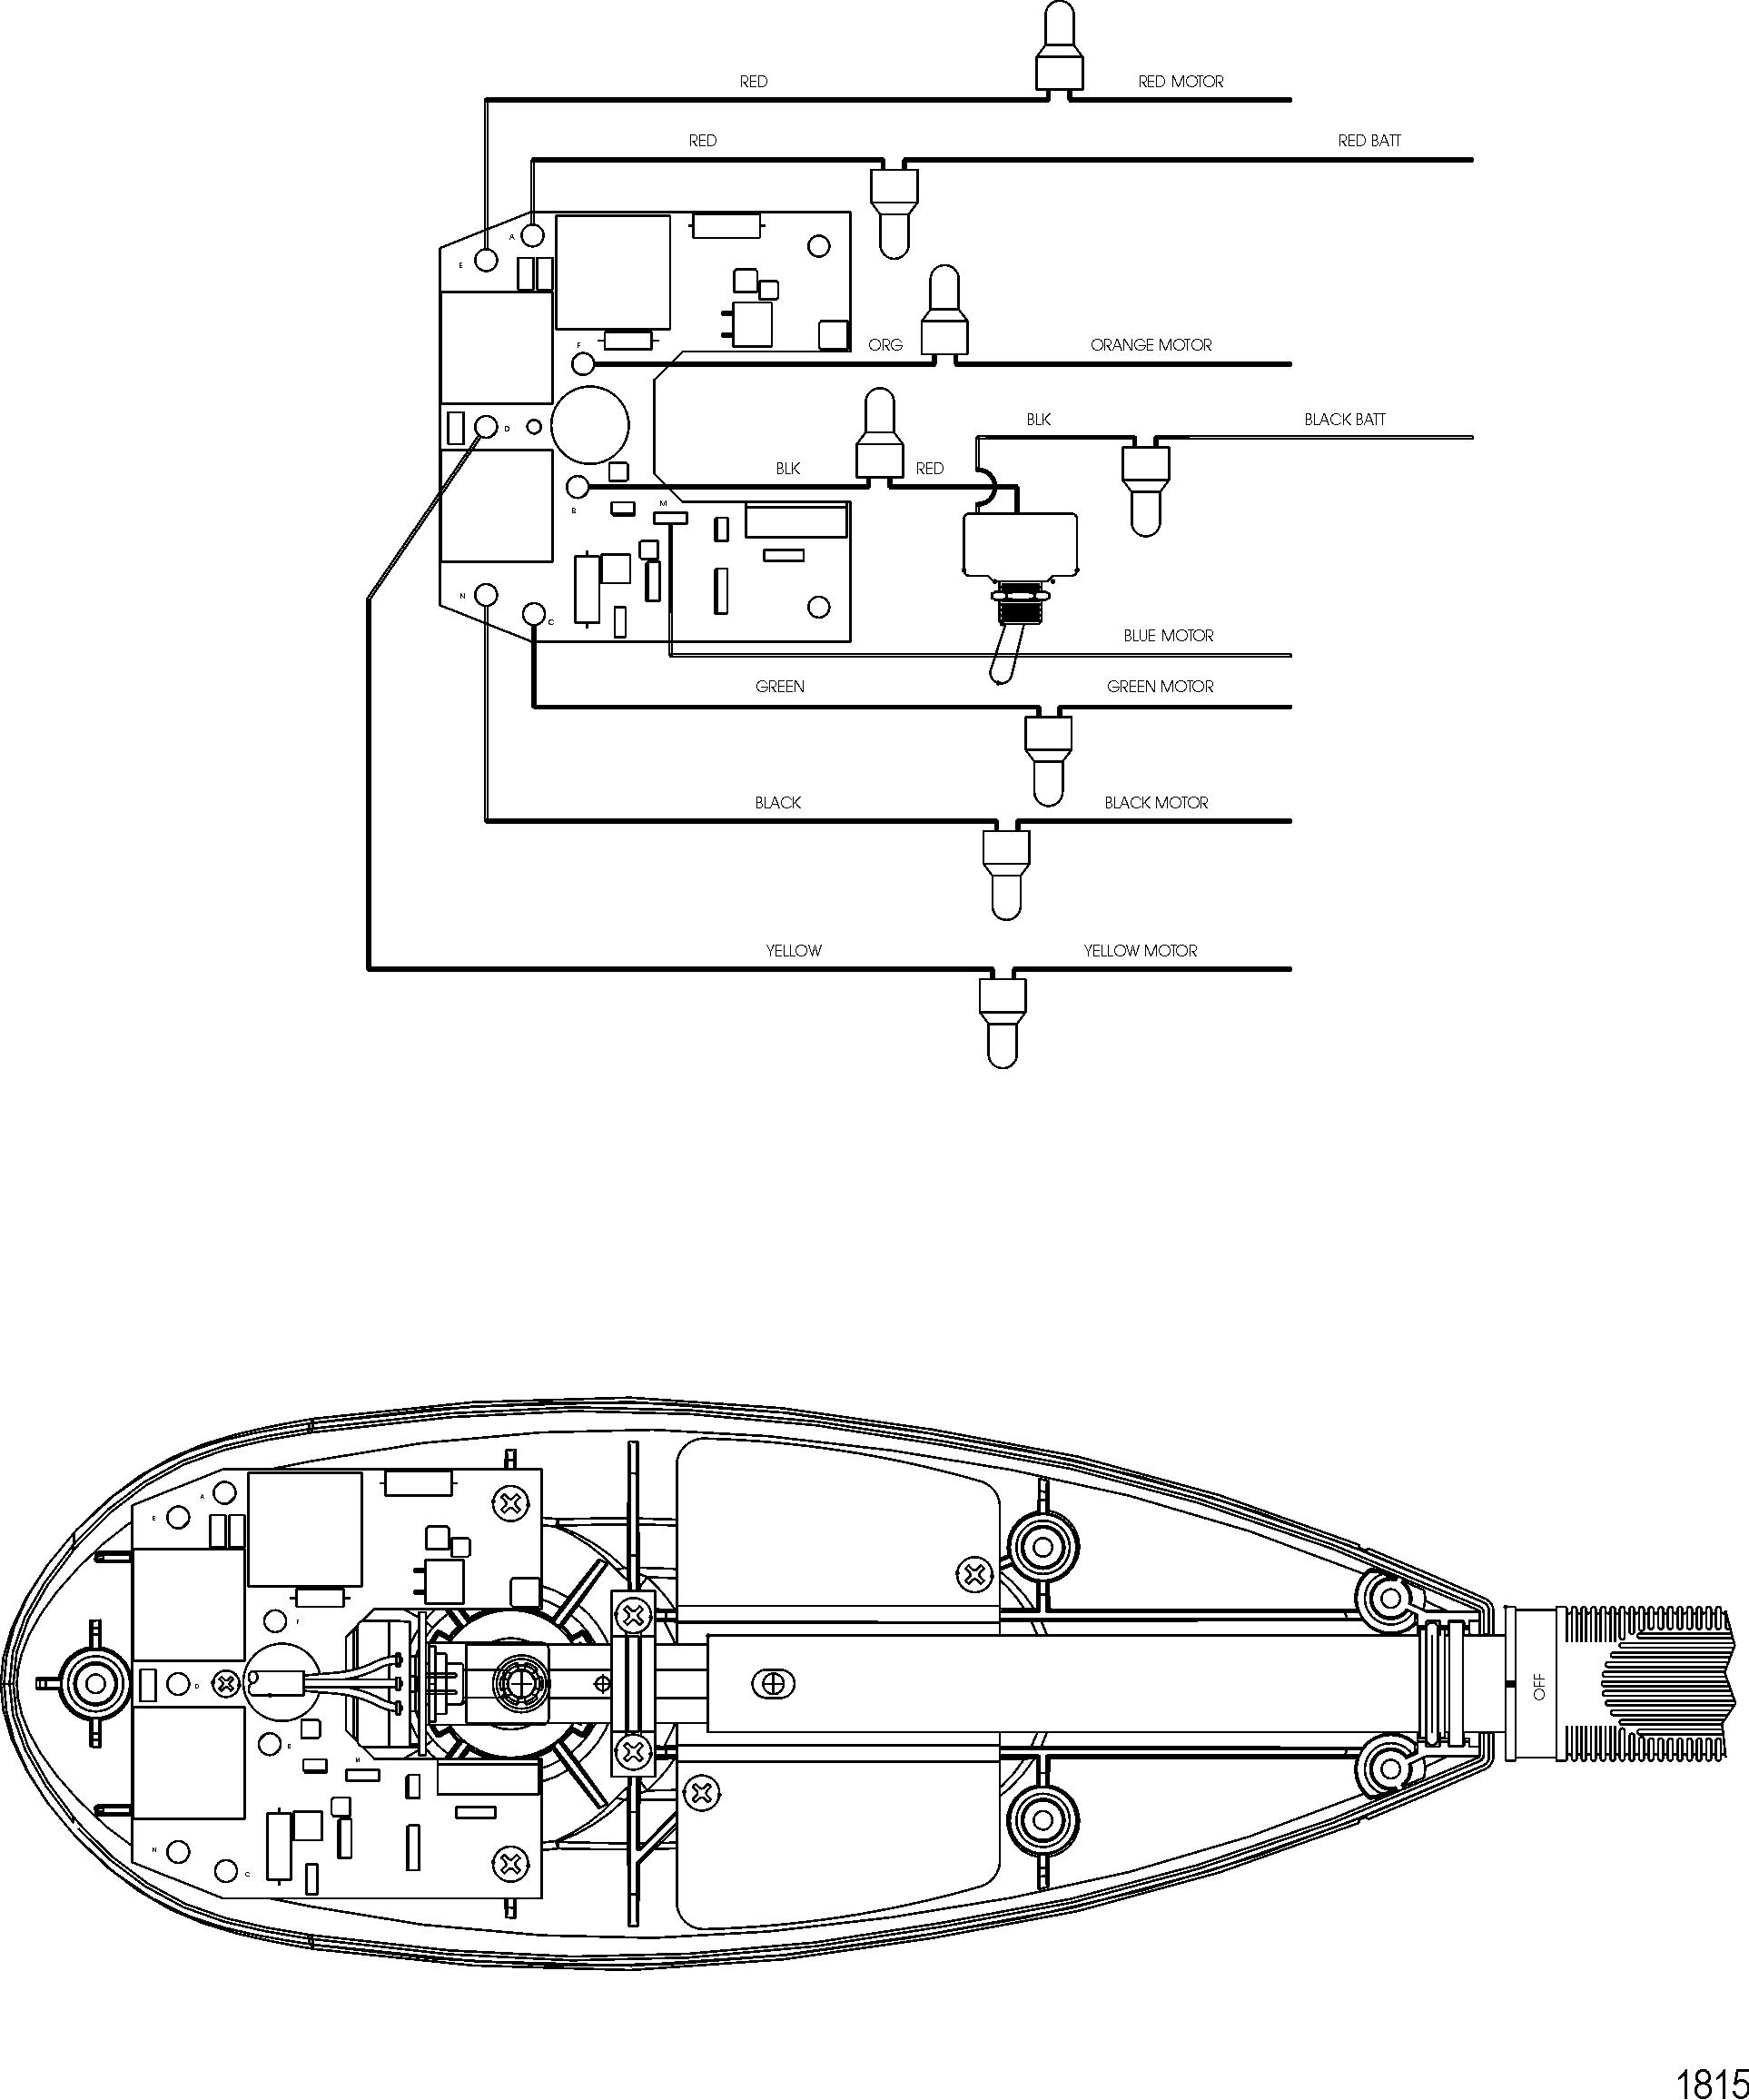 Wiring Diagram Motorguide Brute 765 Trolling Motor